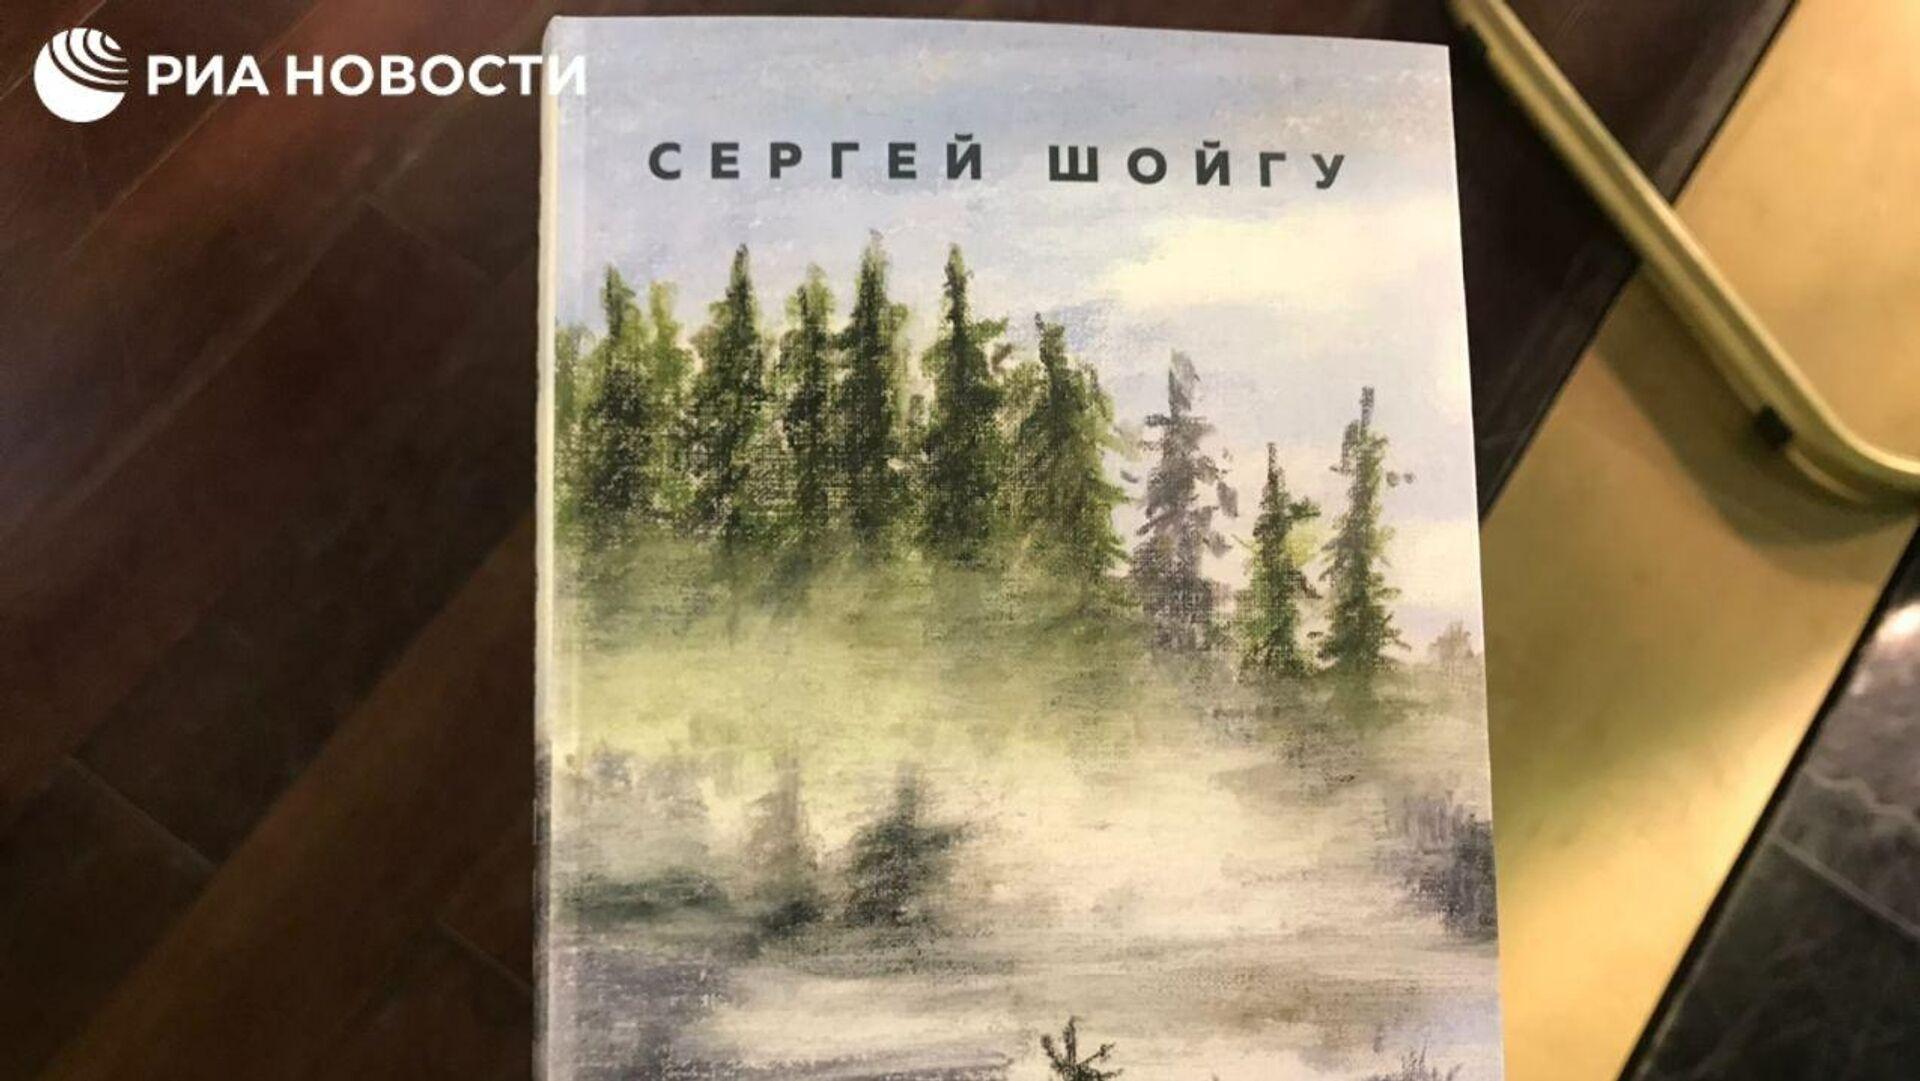 Книга Сергея Шойгу Про вчера - РИА Новости, 1920, 15.10.2020